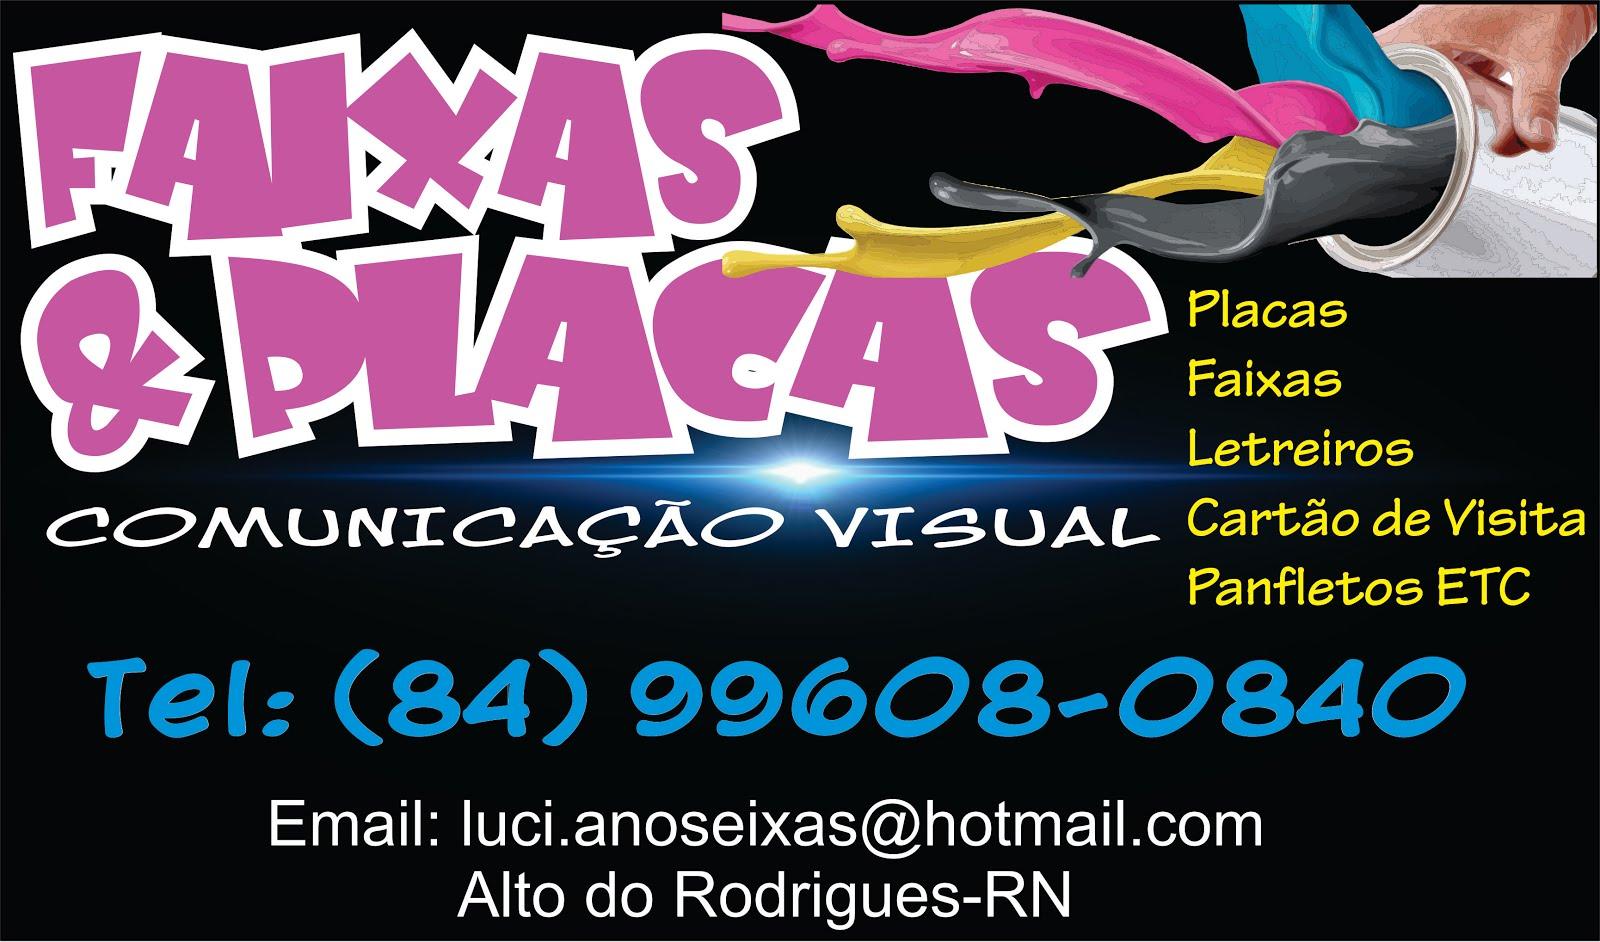 DISK FAIXAS: 99608-0840